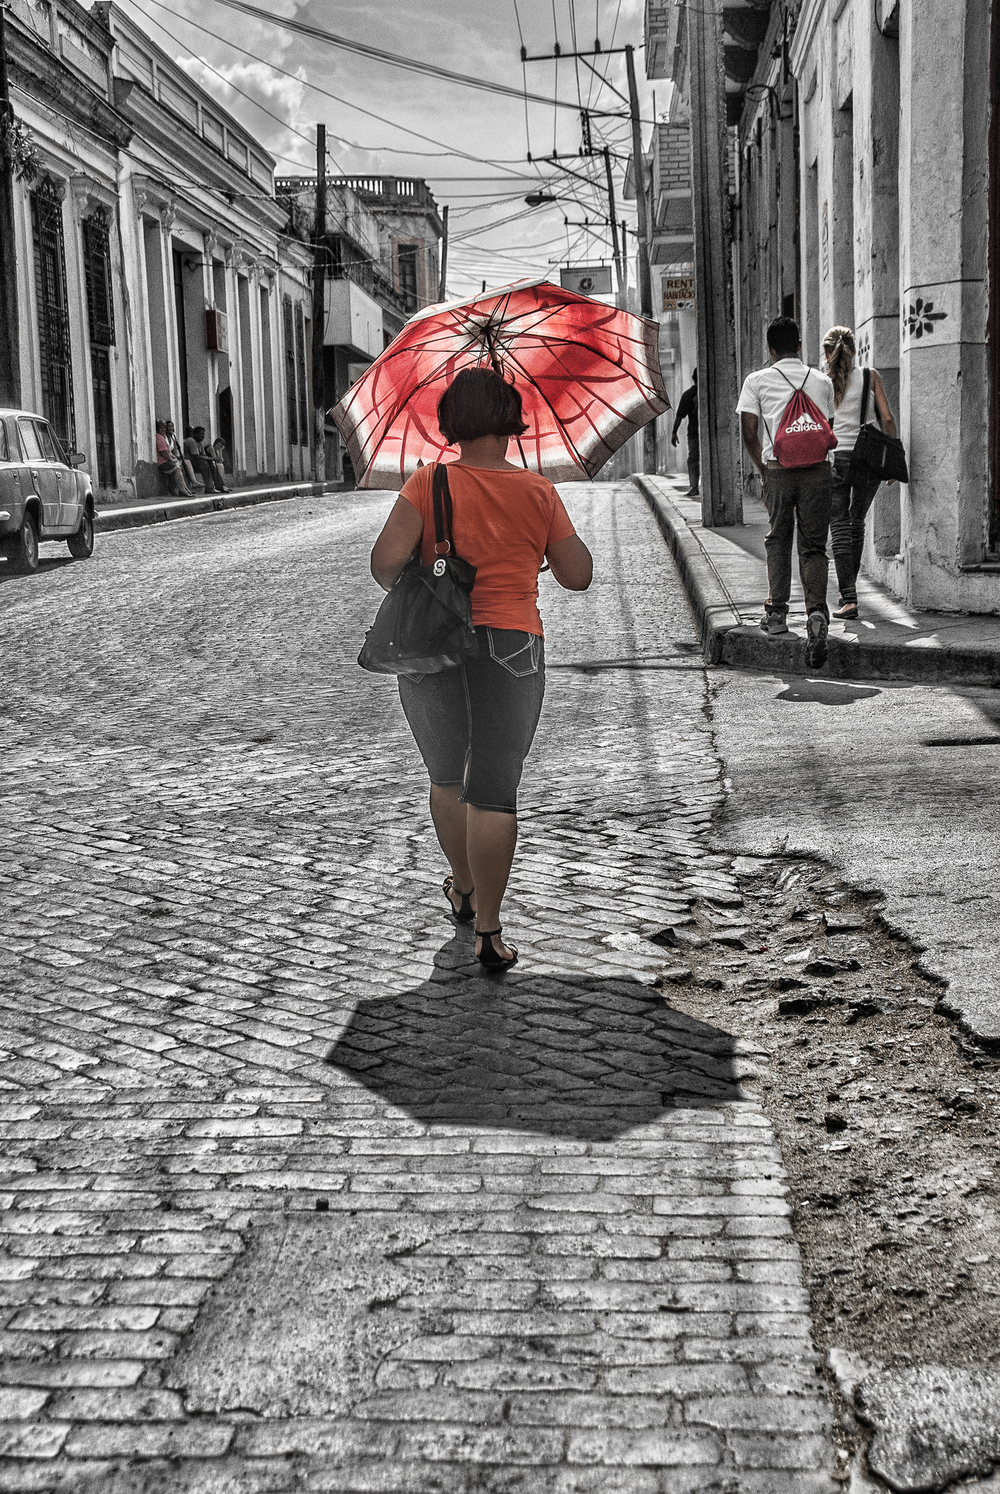 Cuba-_LGF3009-Edit.jpg